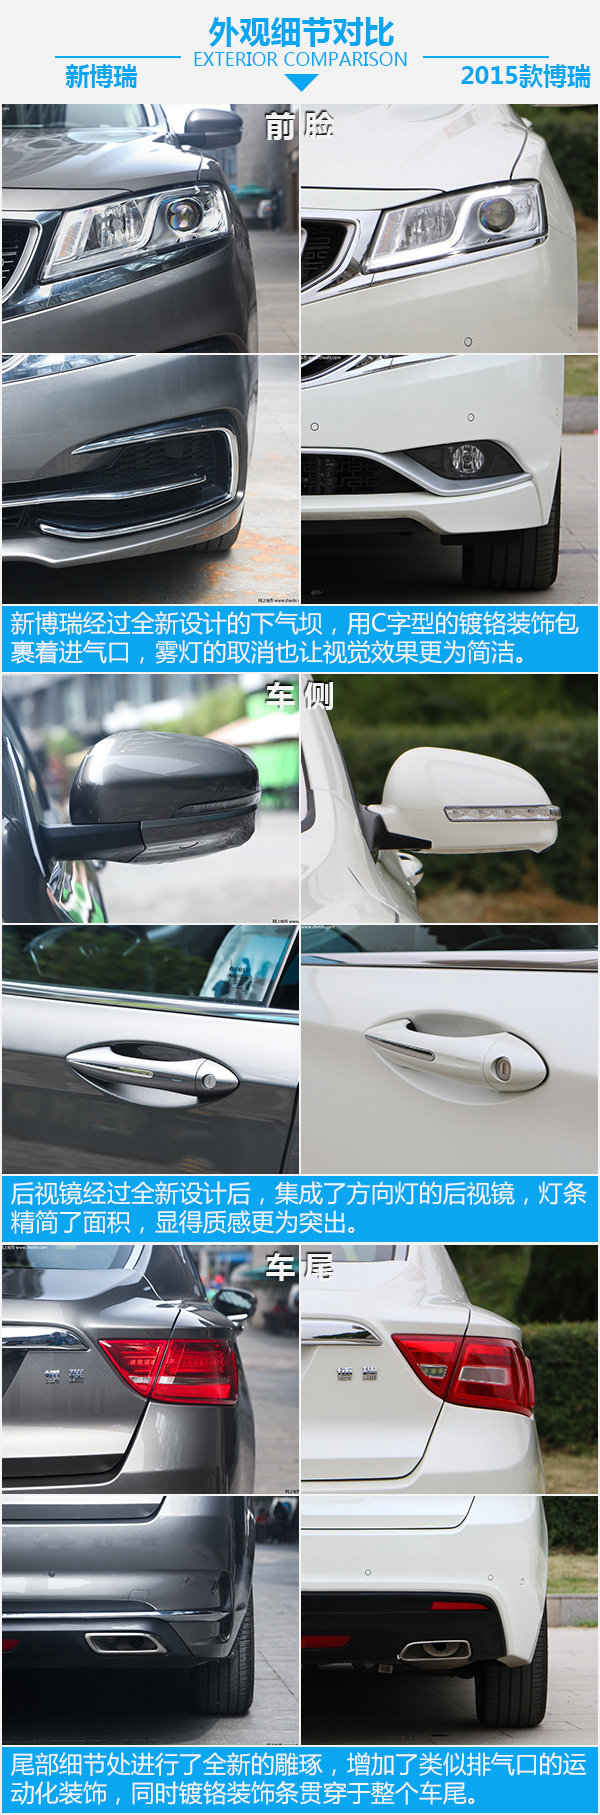 中国品牌领导者换代了 吉利博瑞新老车型对比-图1